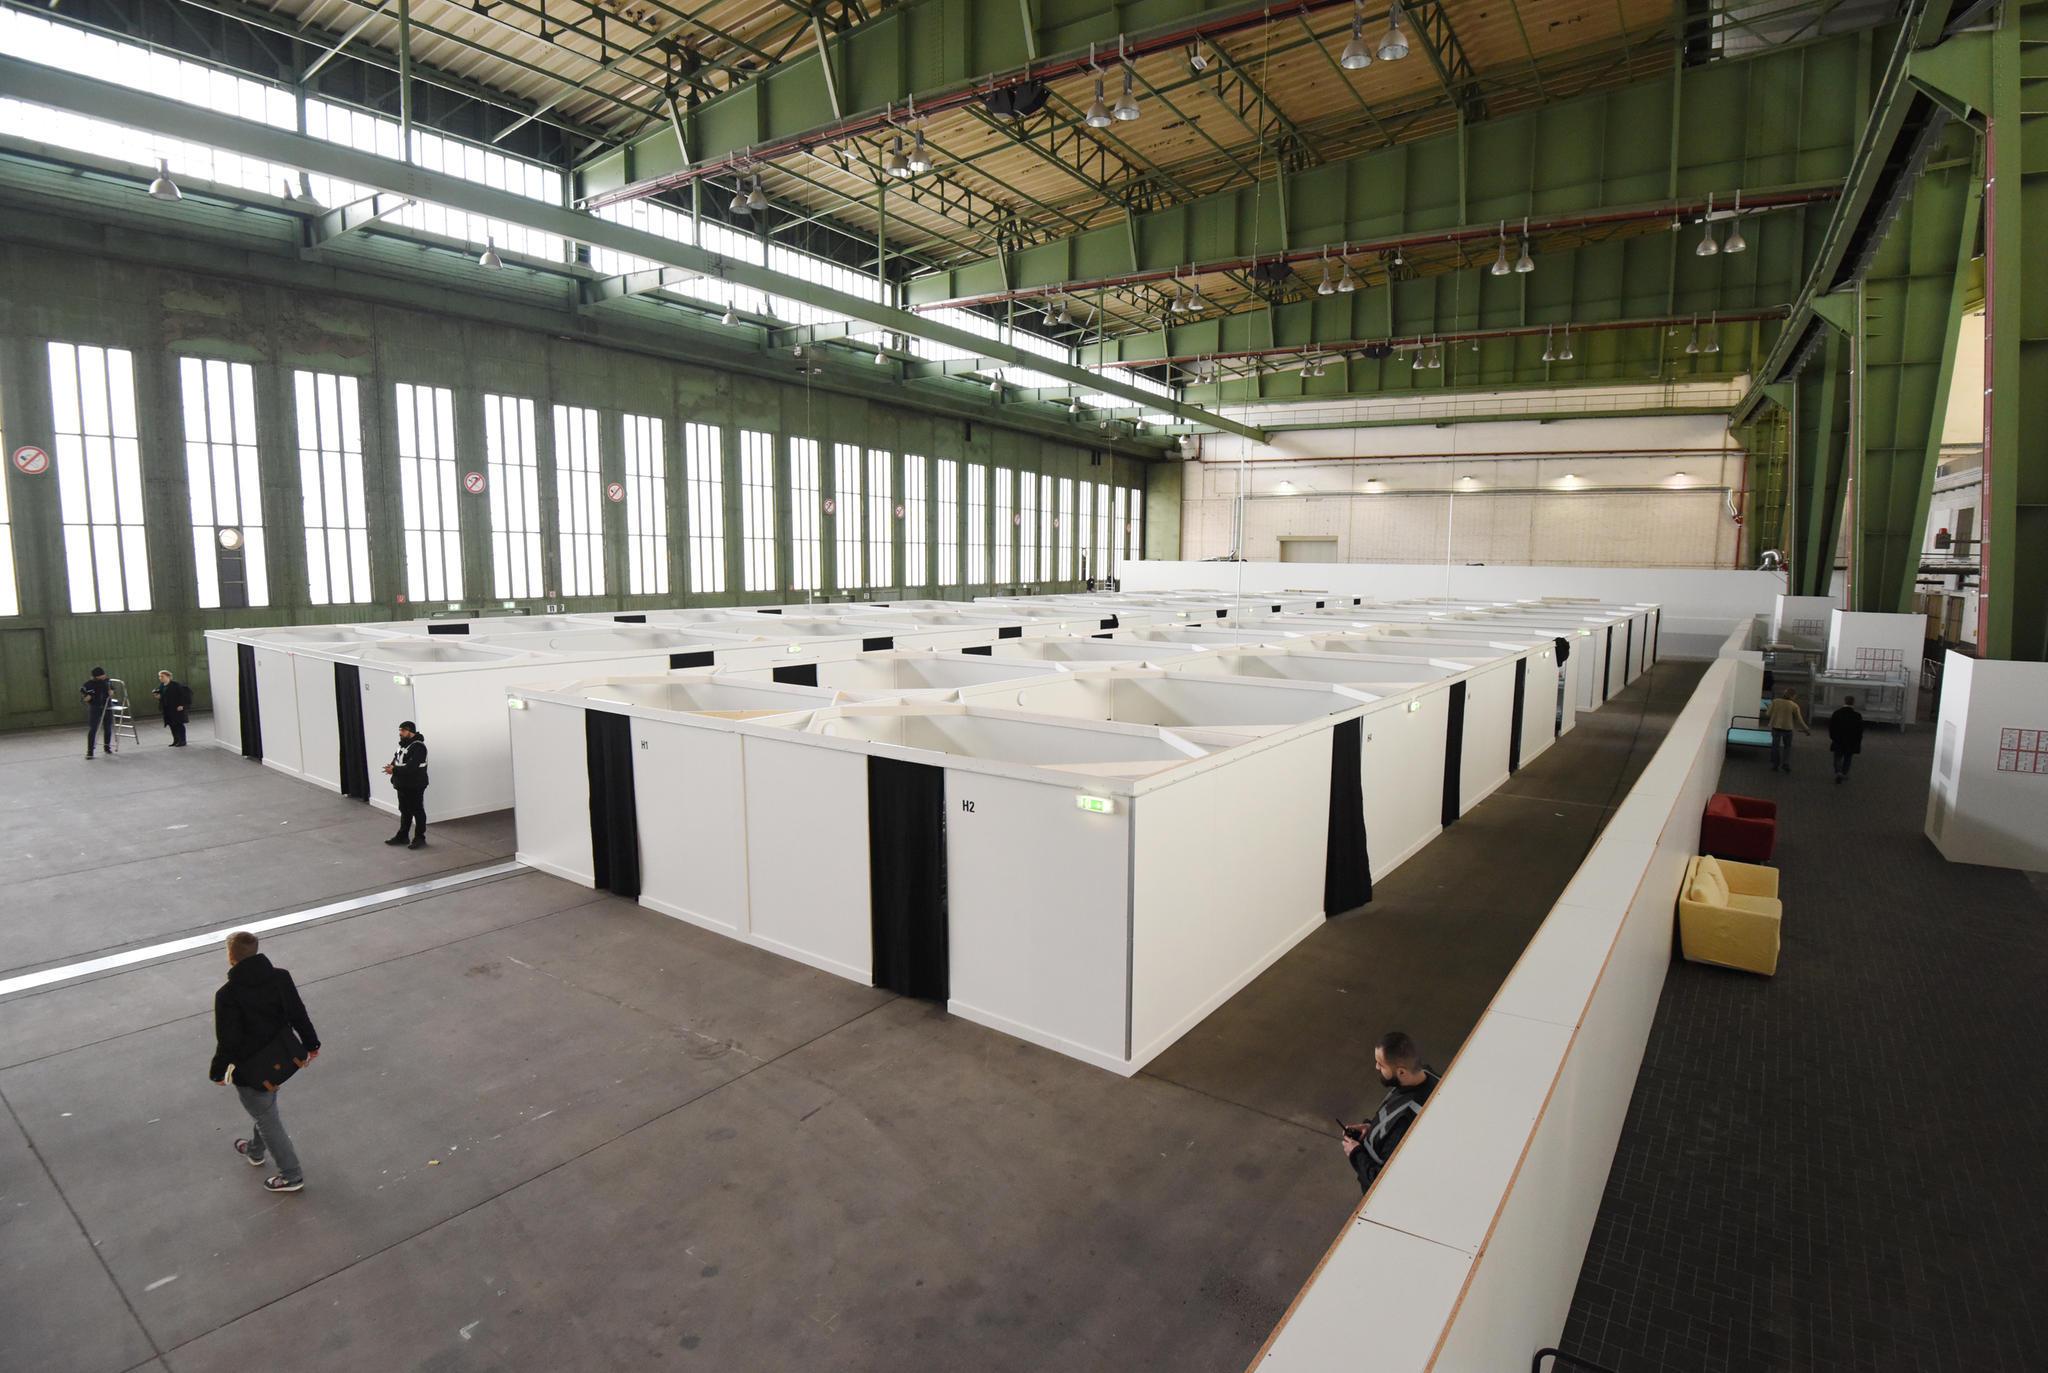 Berlin: Millionen nach Zypern für eine leere Flüchtlingsunterkunft ...